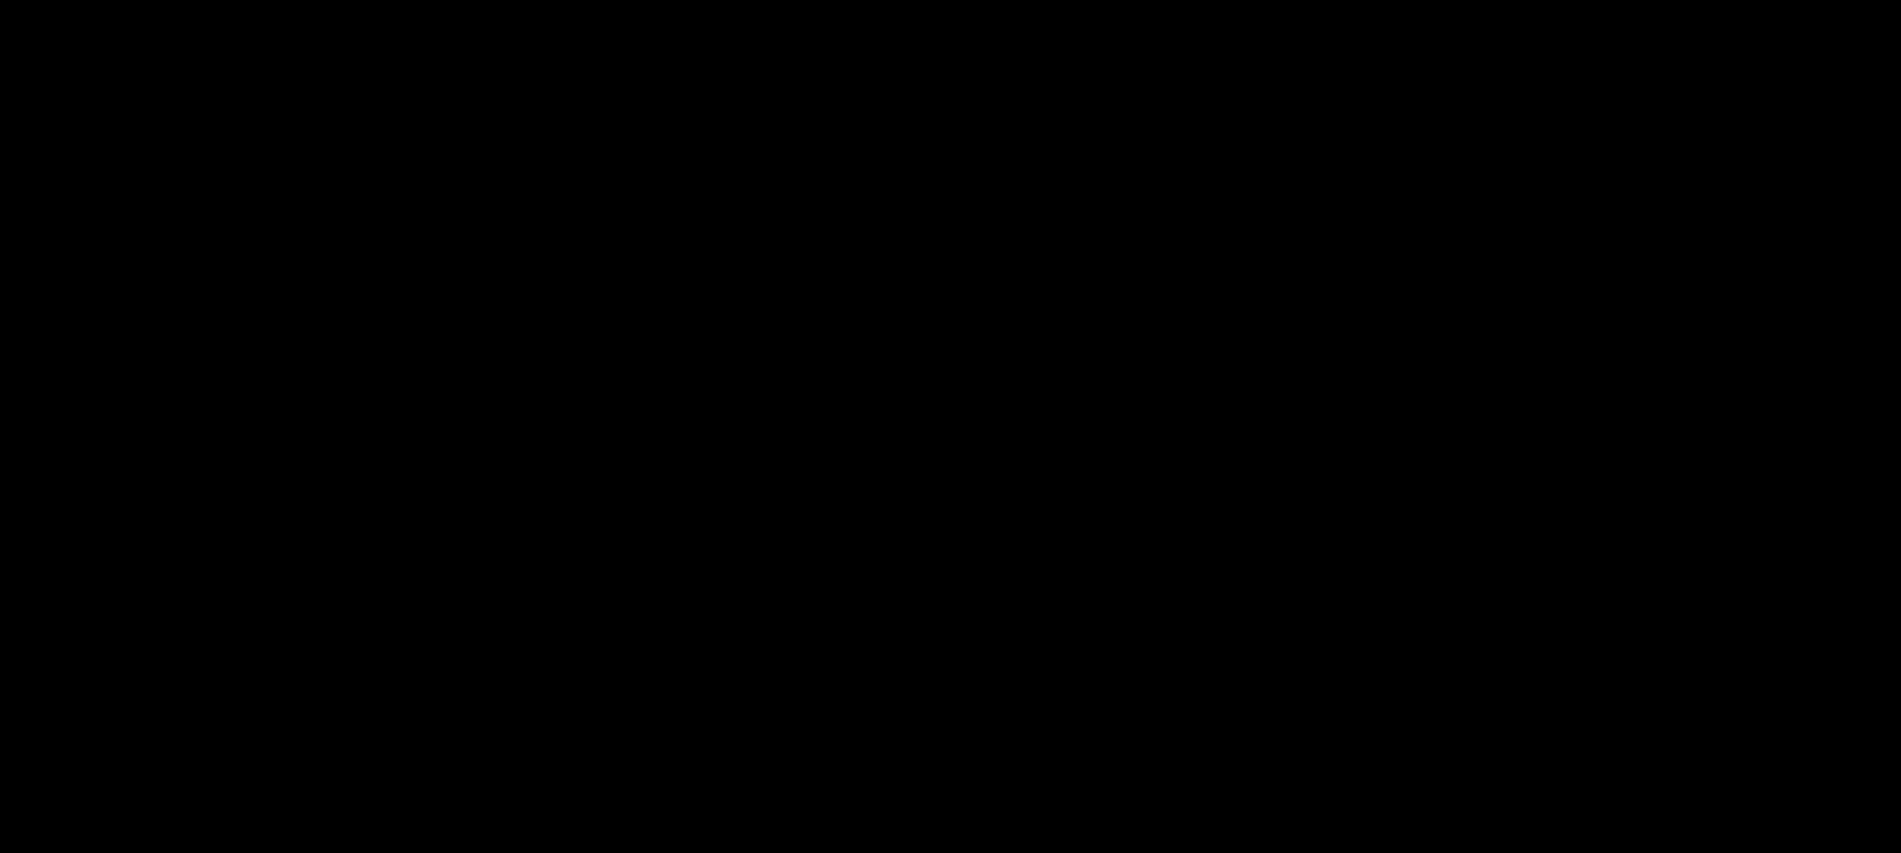 Sunitinib N,N-dimethyl-d<sub>6</sub> impurity